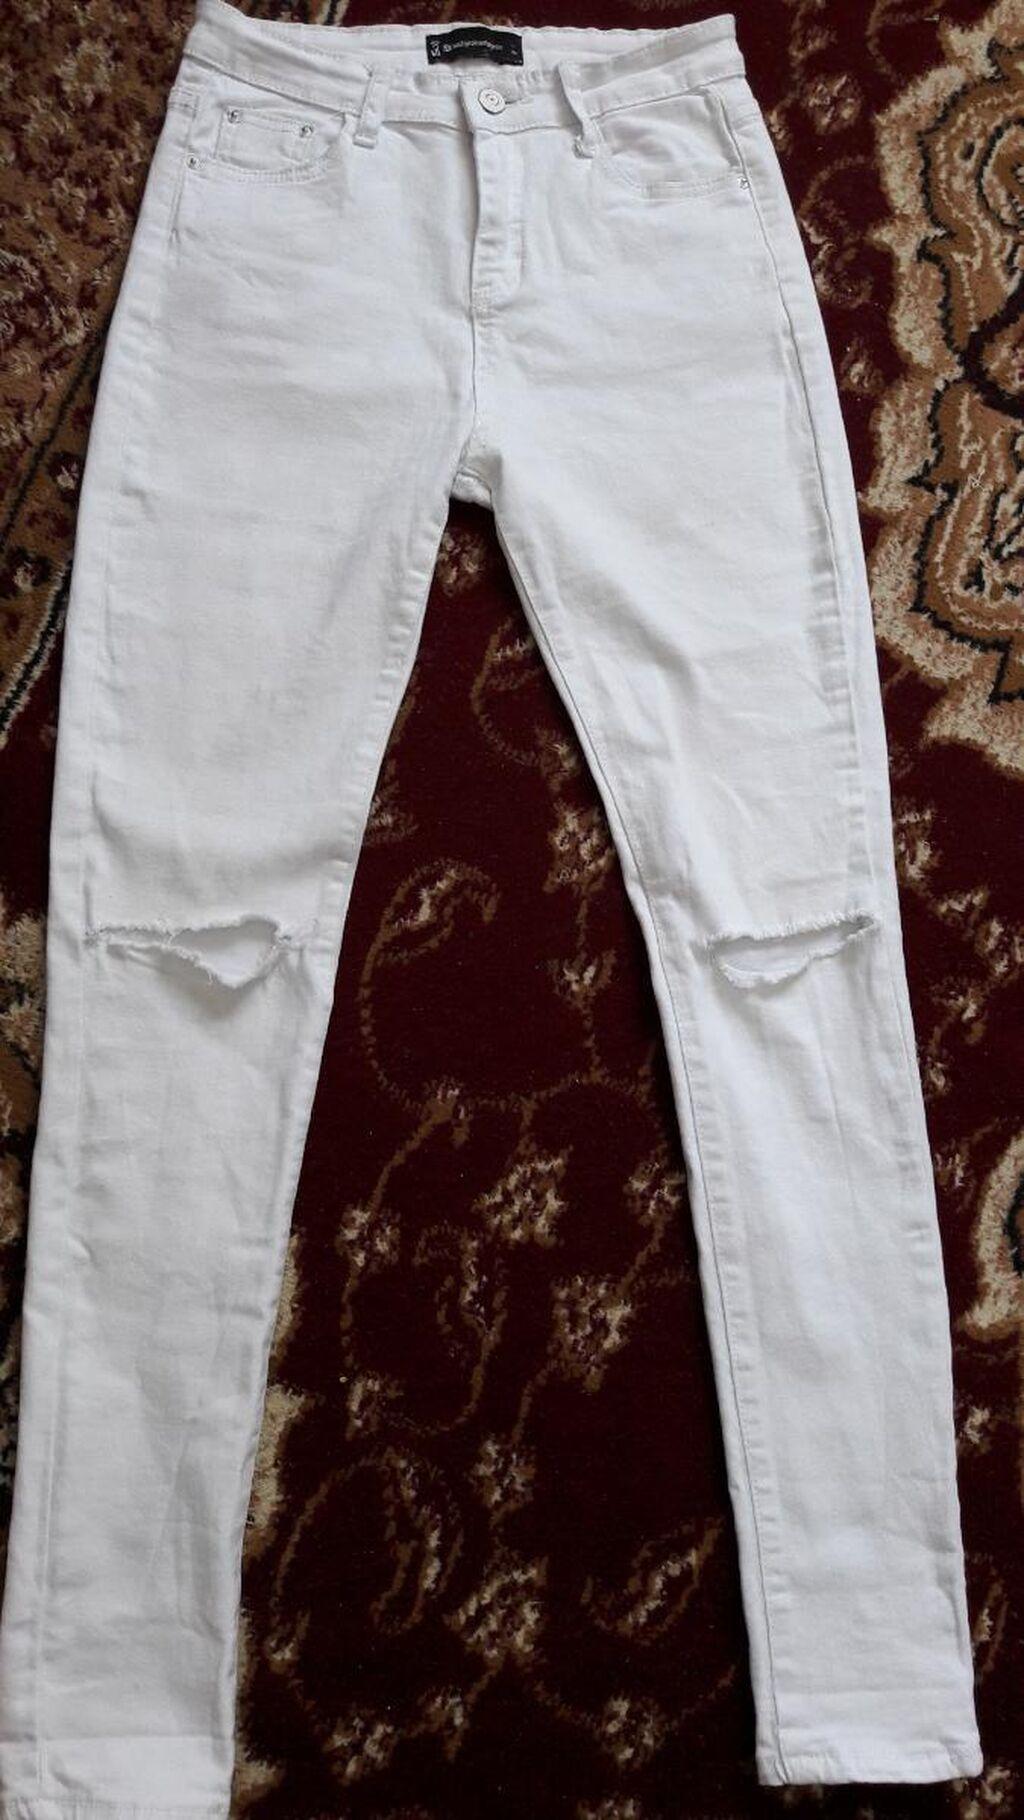 Белые,модные и классные джинсы.Размер 27: Белые,модные и классные джинсы.Размер 27